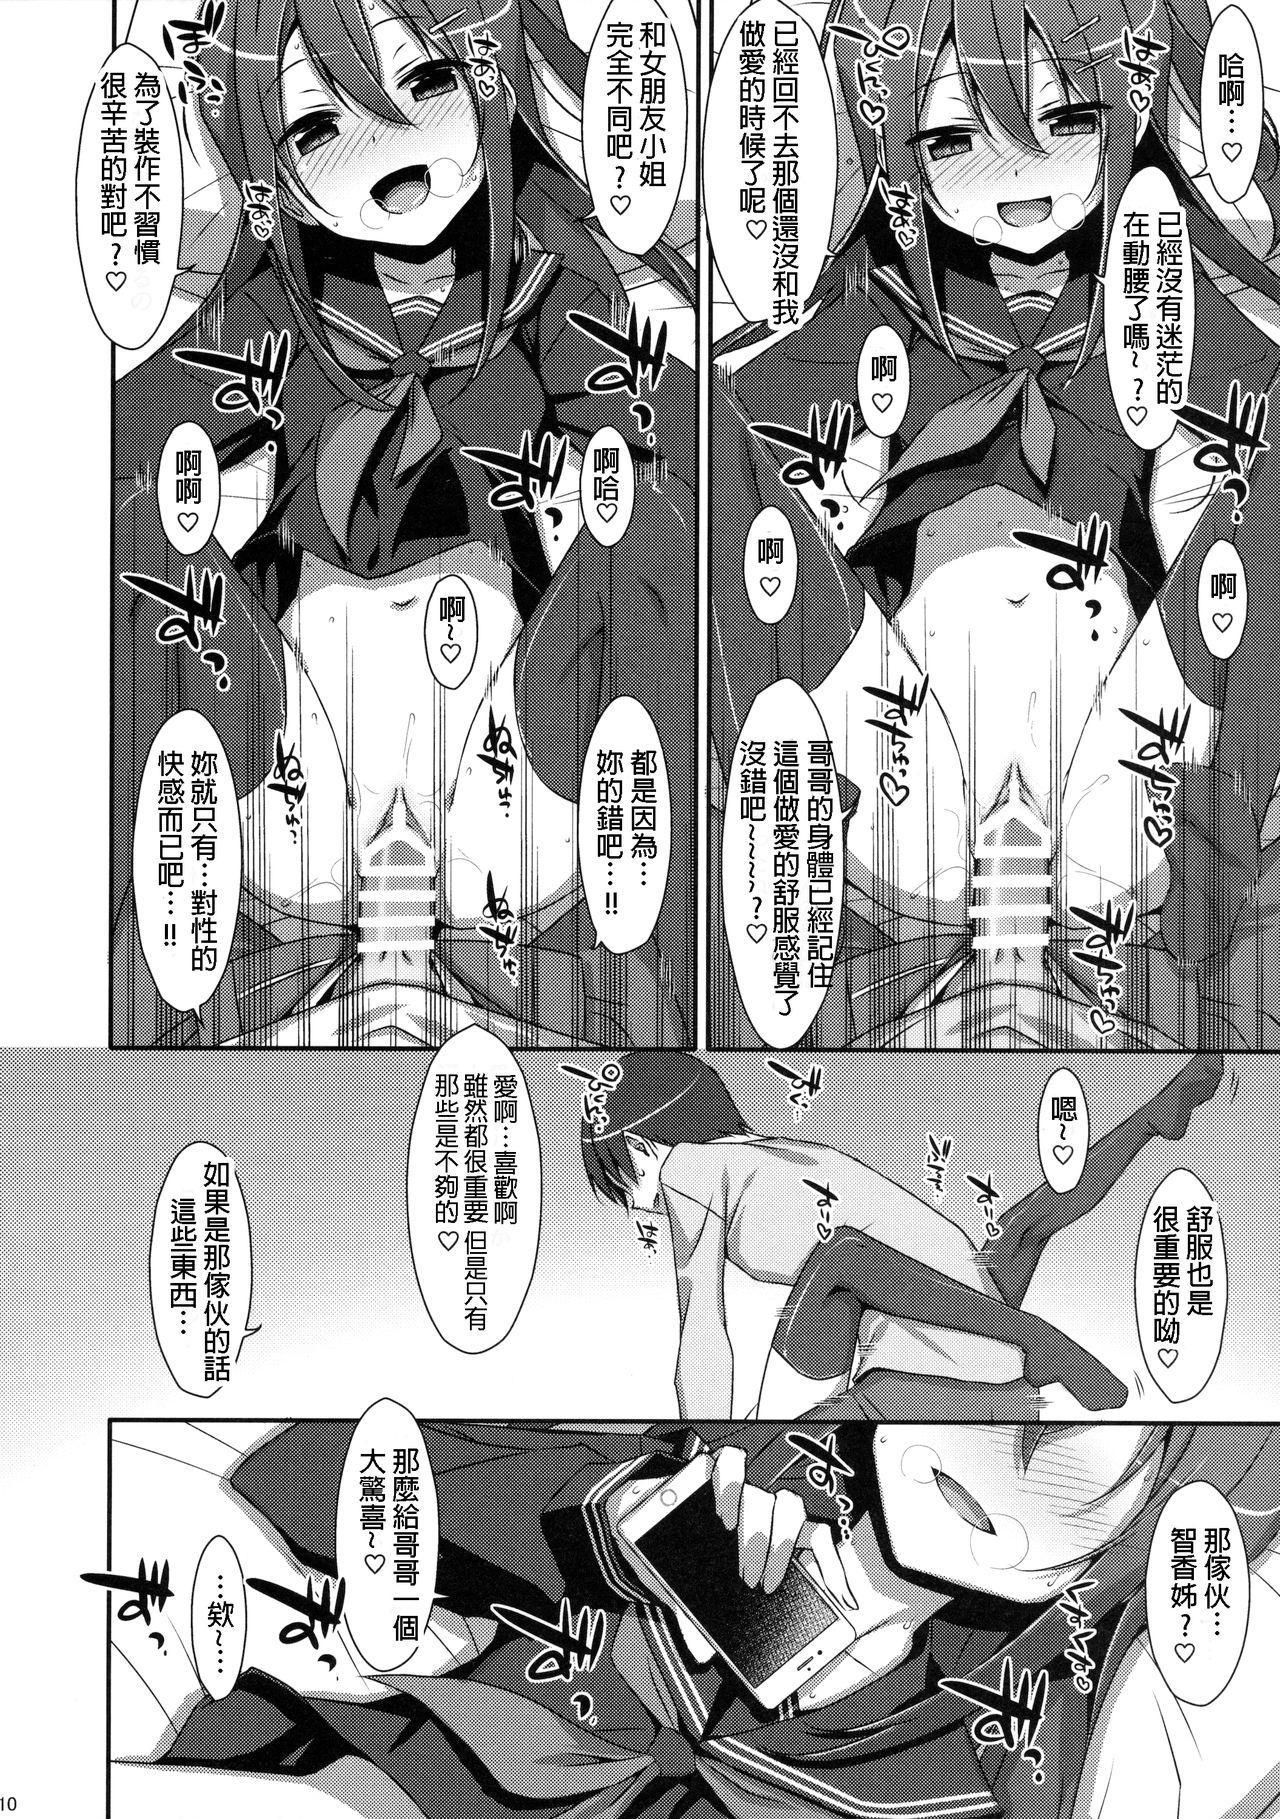 Watashi no, Onii-chan 4 9